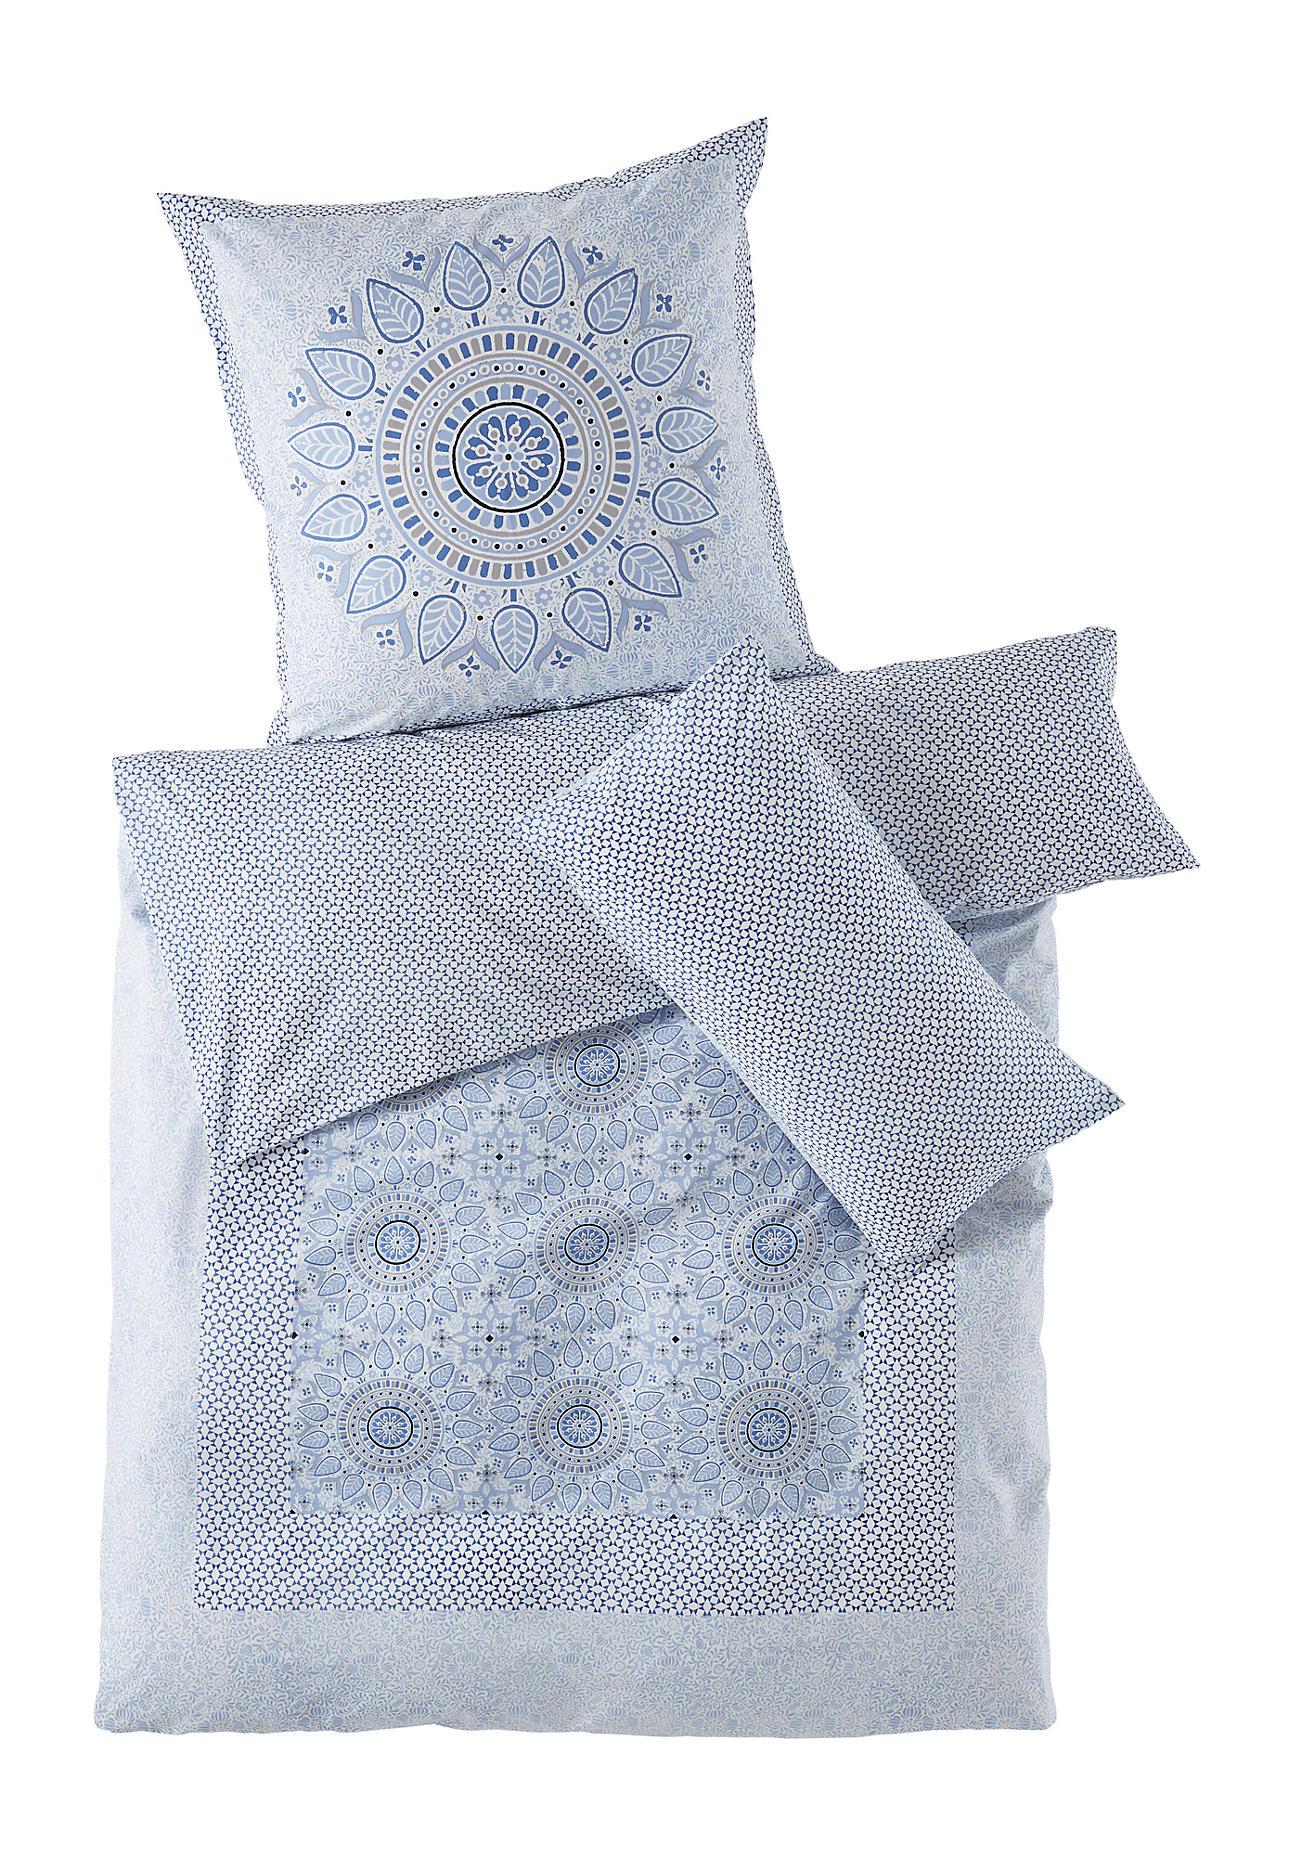 Hessnatur Renforcé Bettwäsche Marrakesch Aus Bio Baumwolle Blau Größe 155x22080x80 Cm